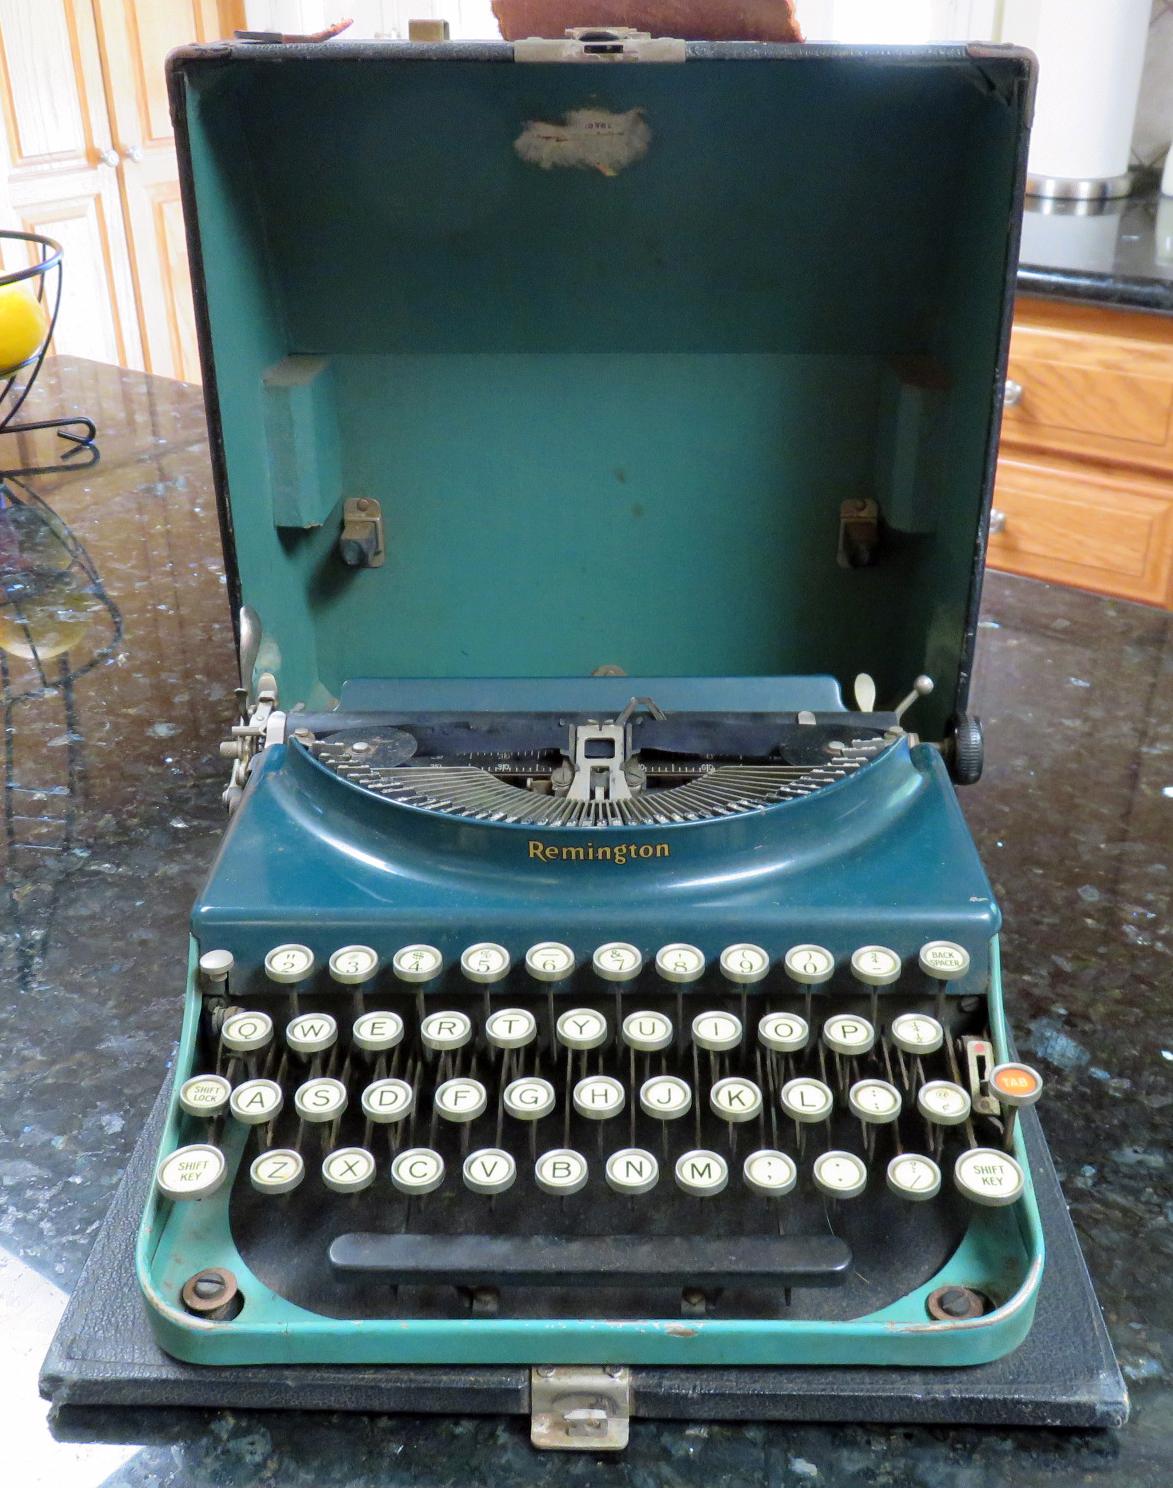 Remington Typewriter 1930